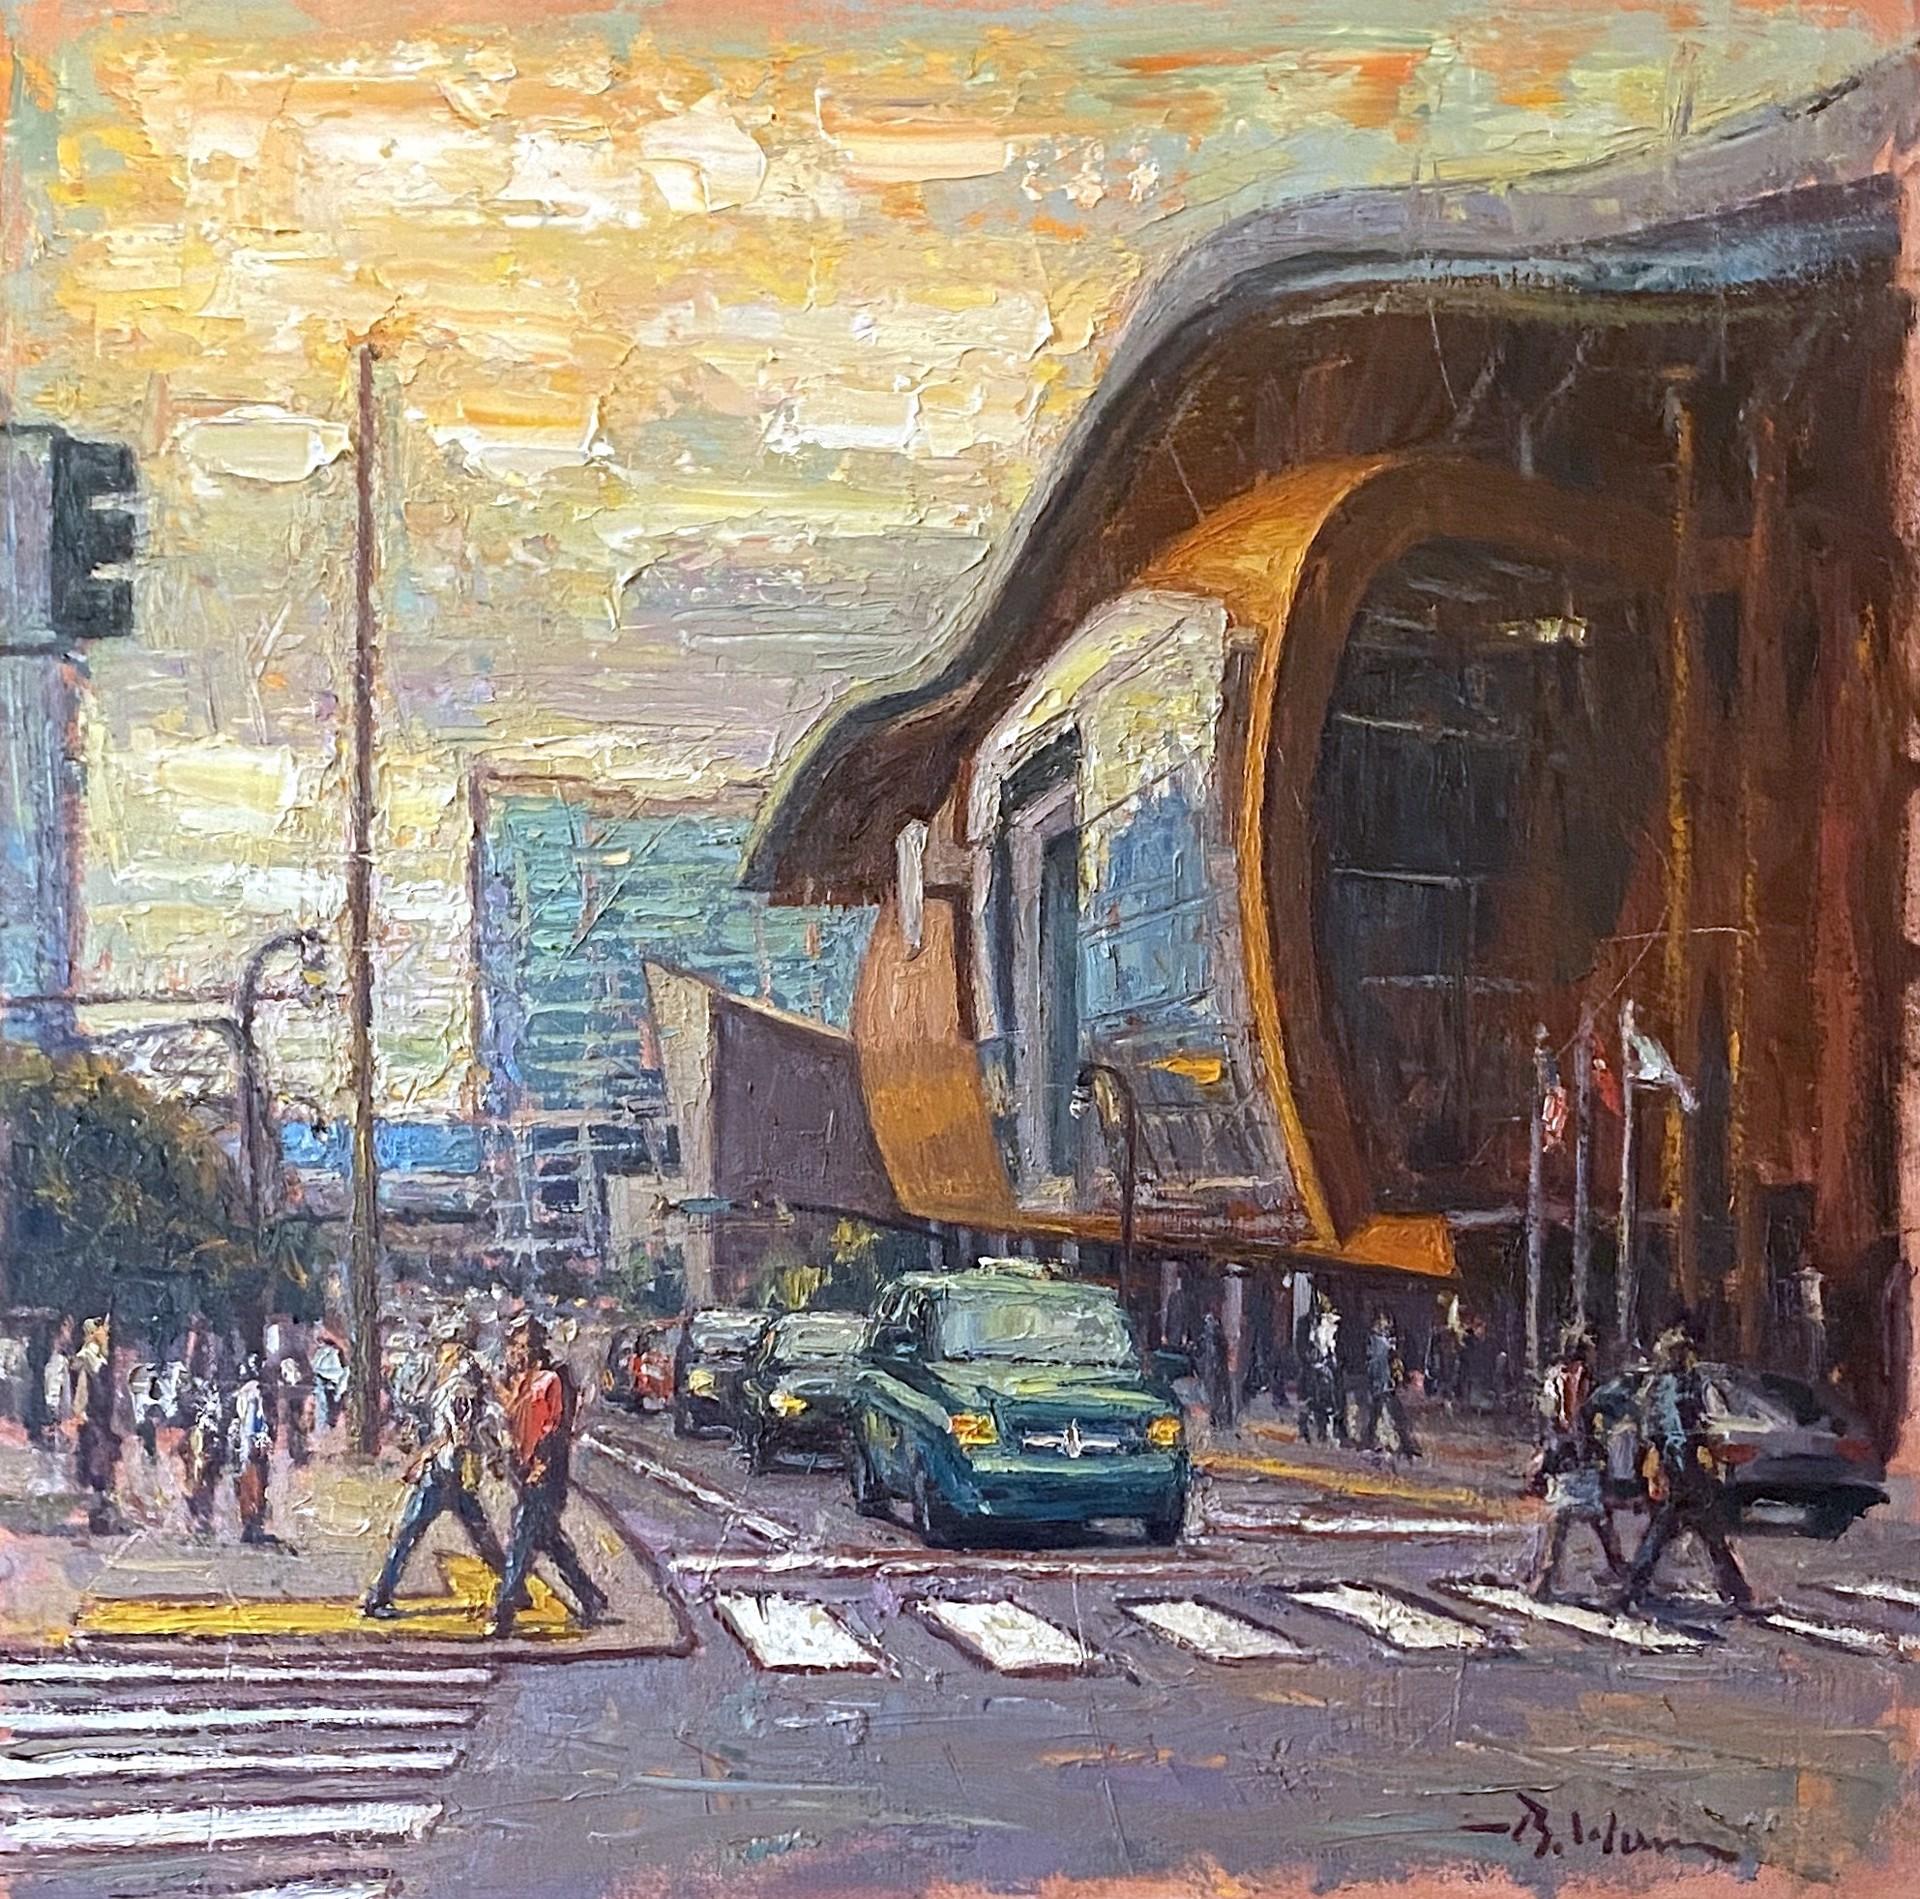 Music City Center by Brett Weaver